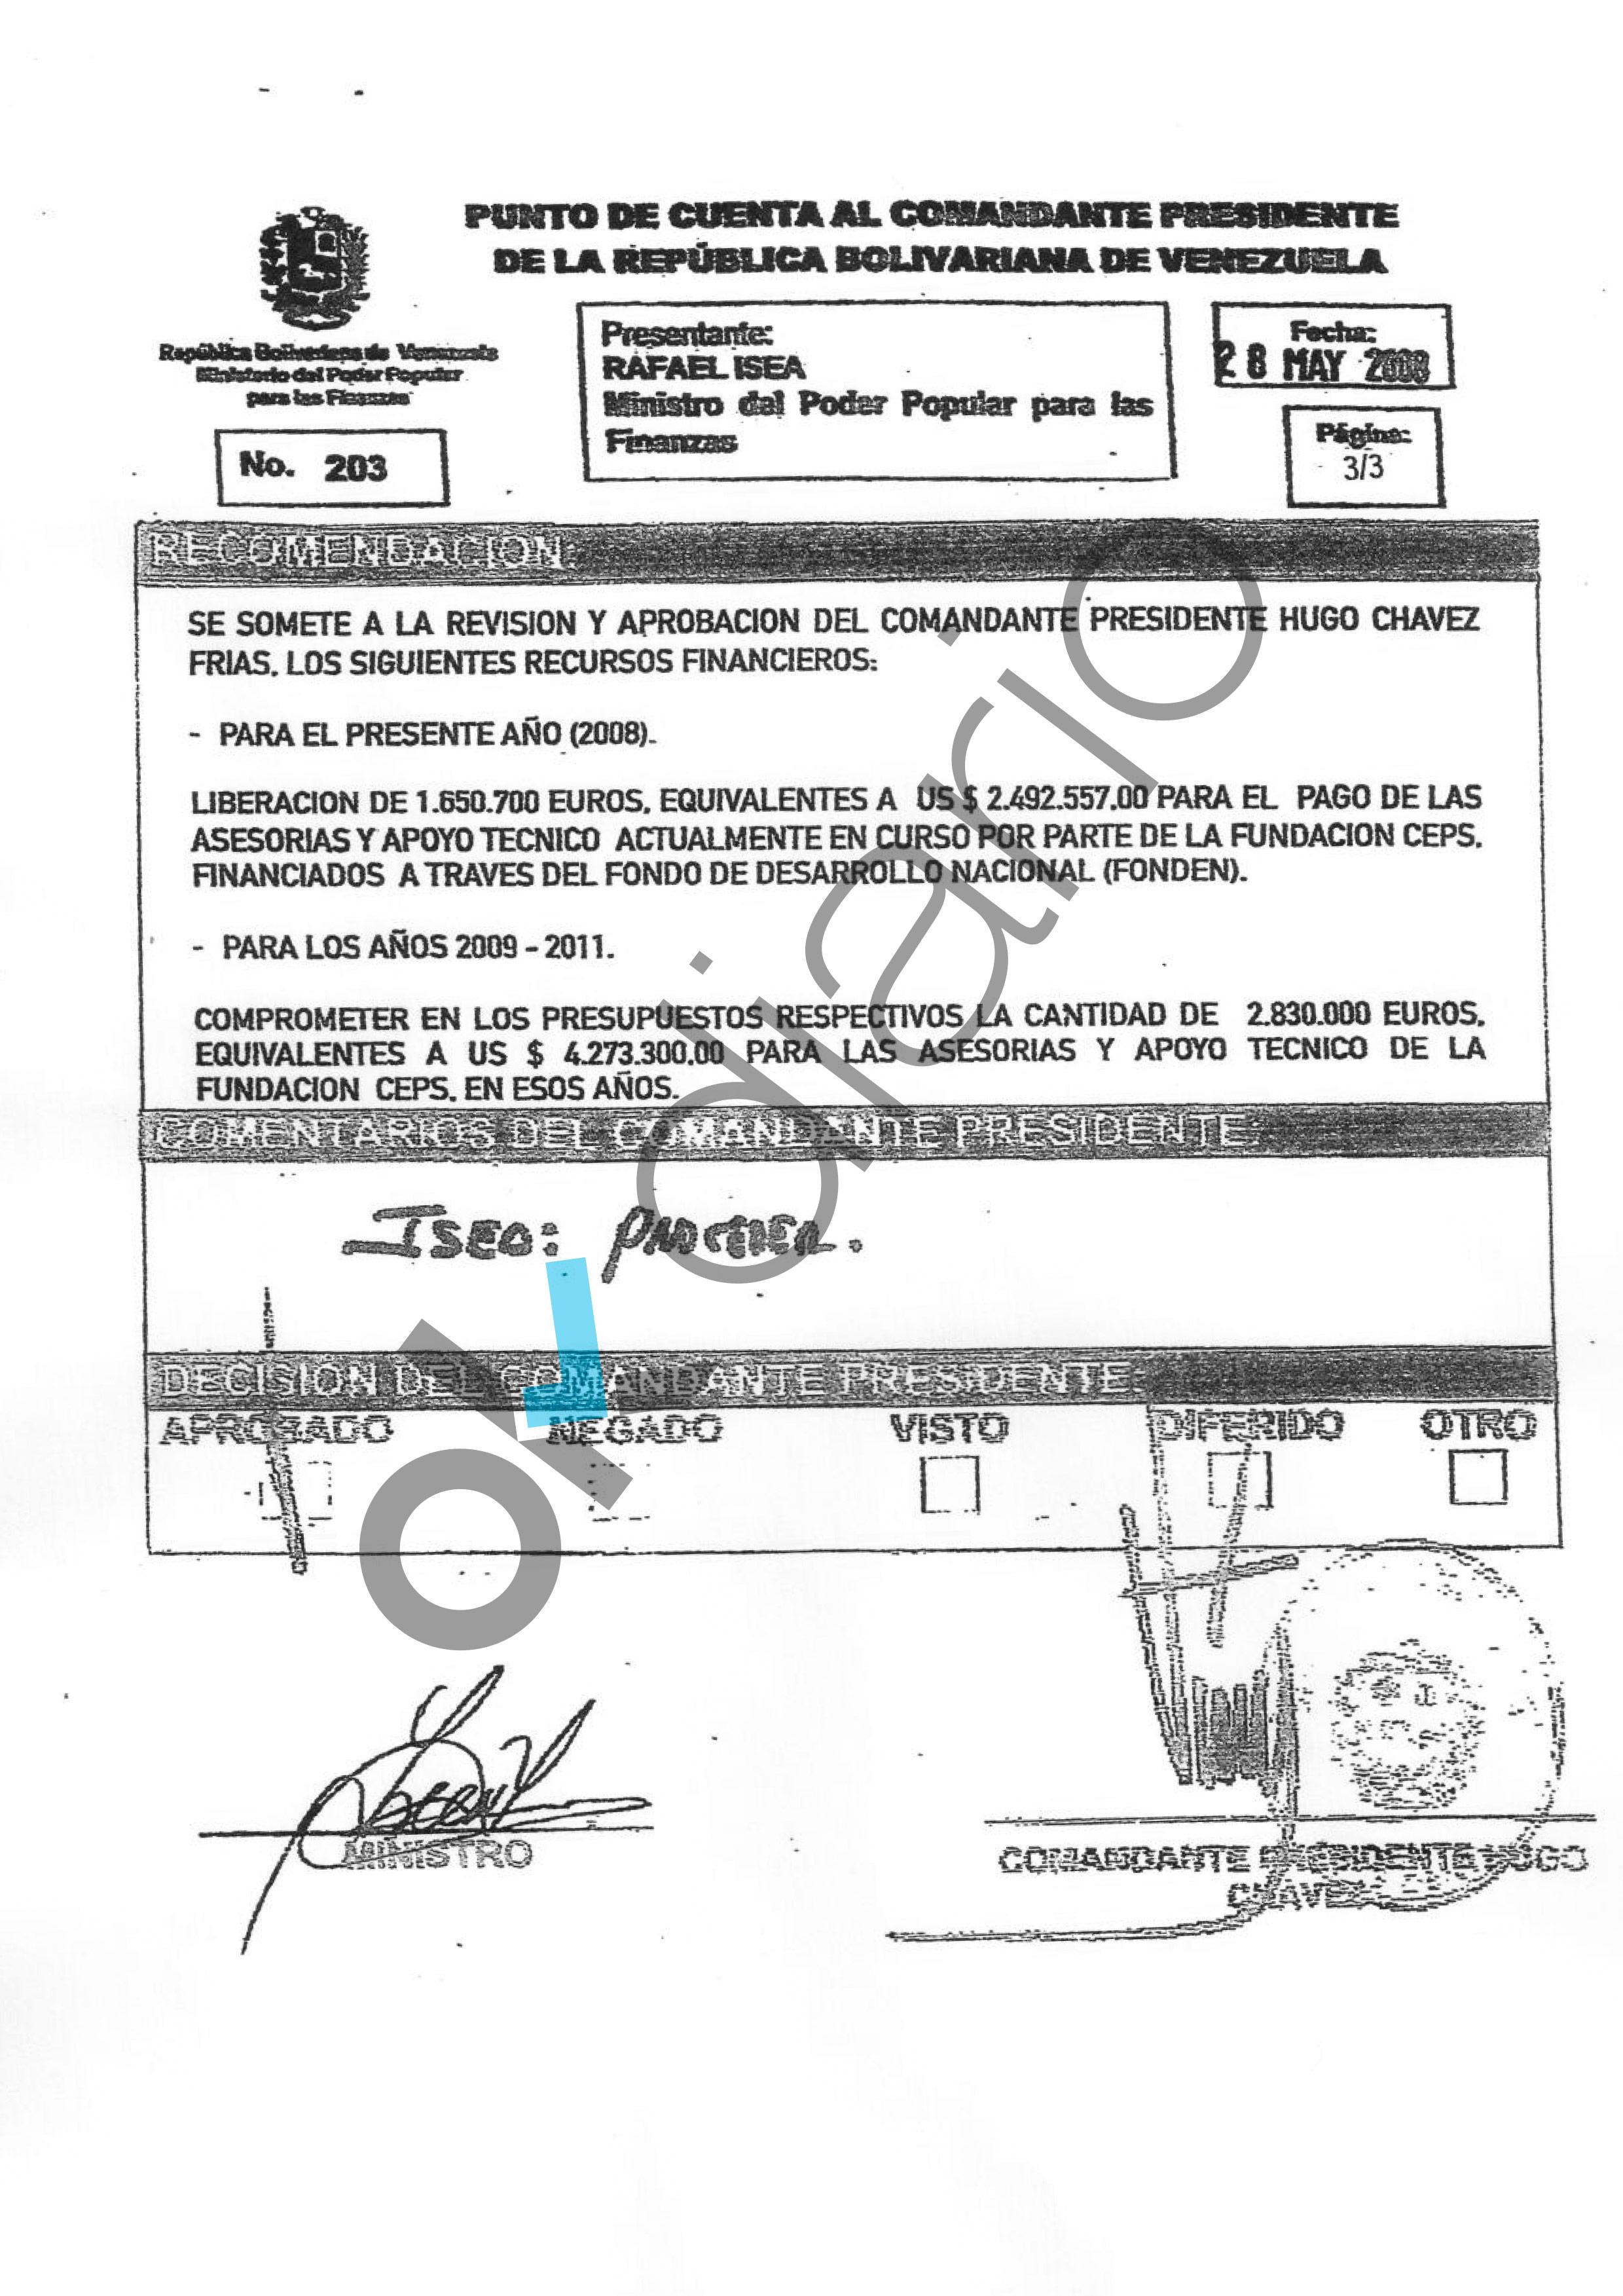 Los narcodictadores Hugo Chávez y Nicolás Maduro han sido los grandes financiadores de Podemos